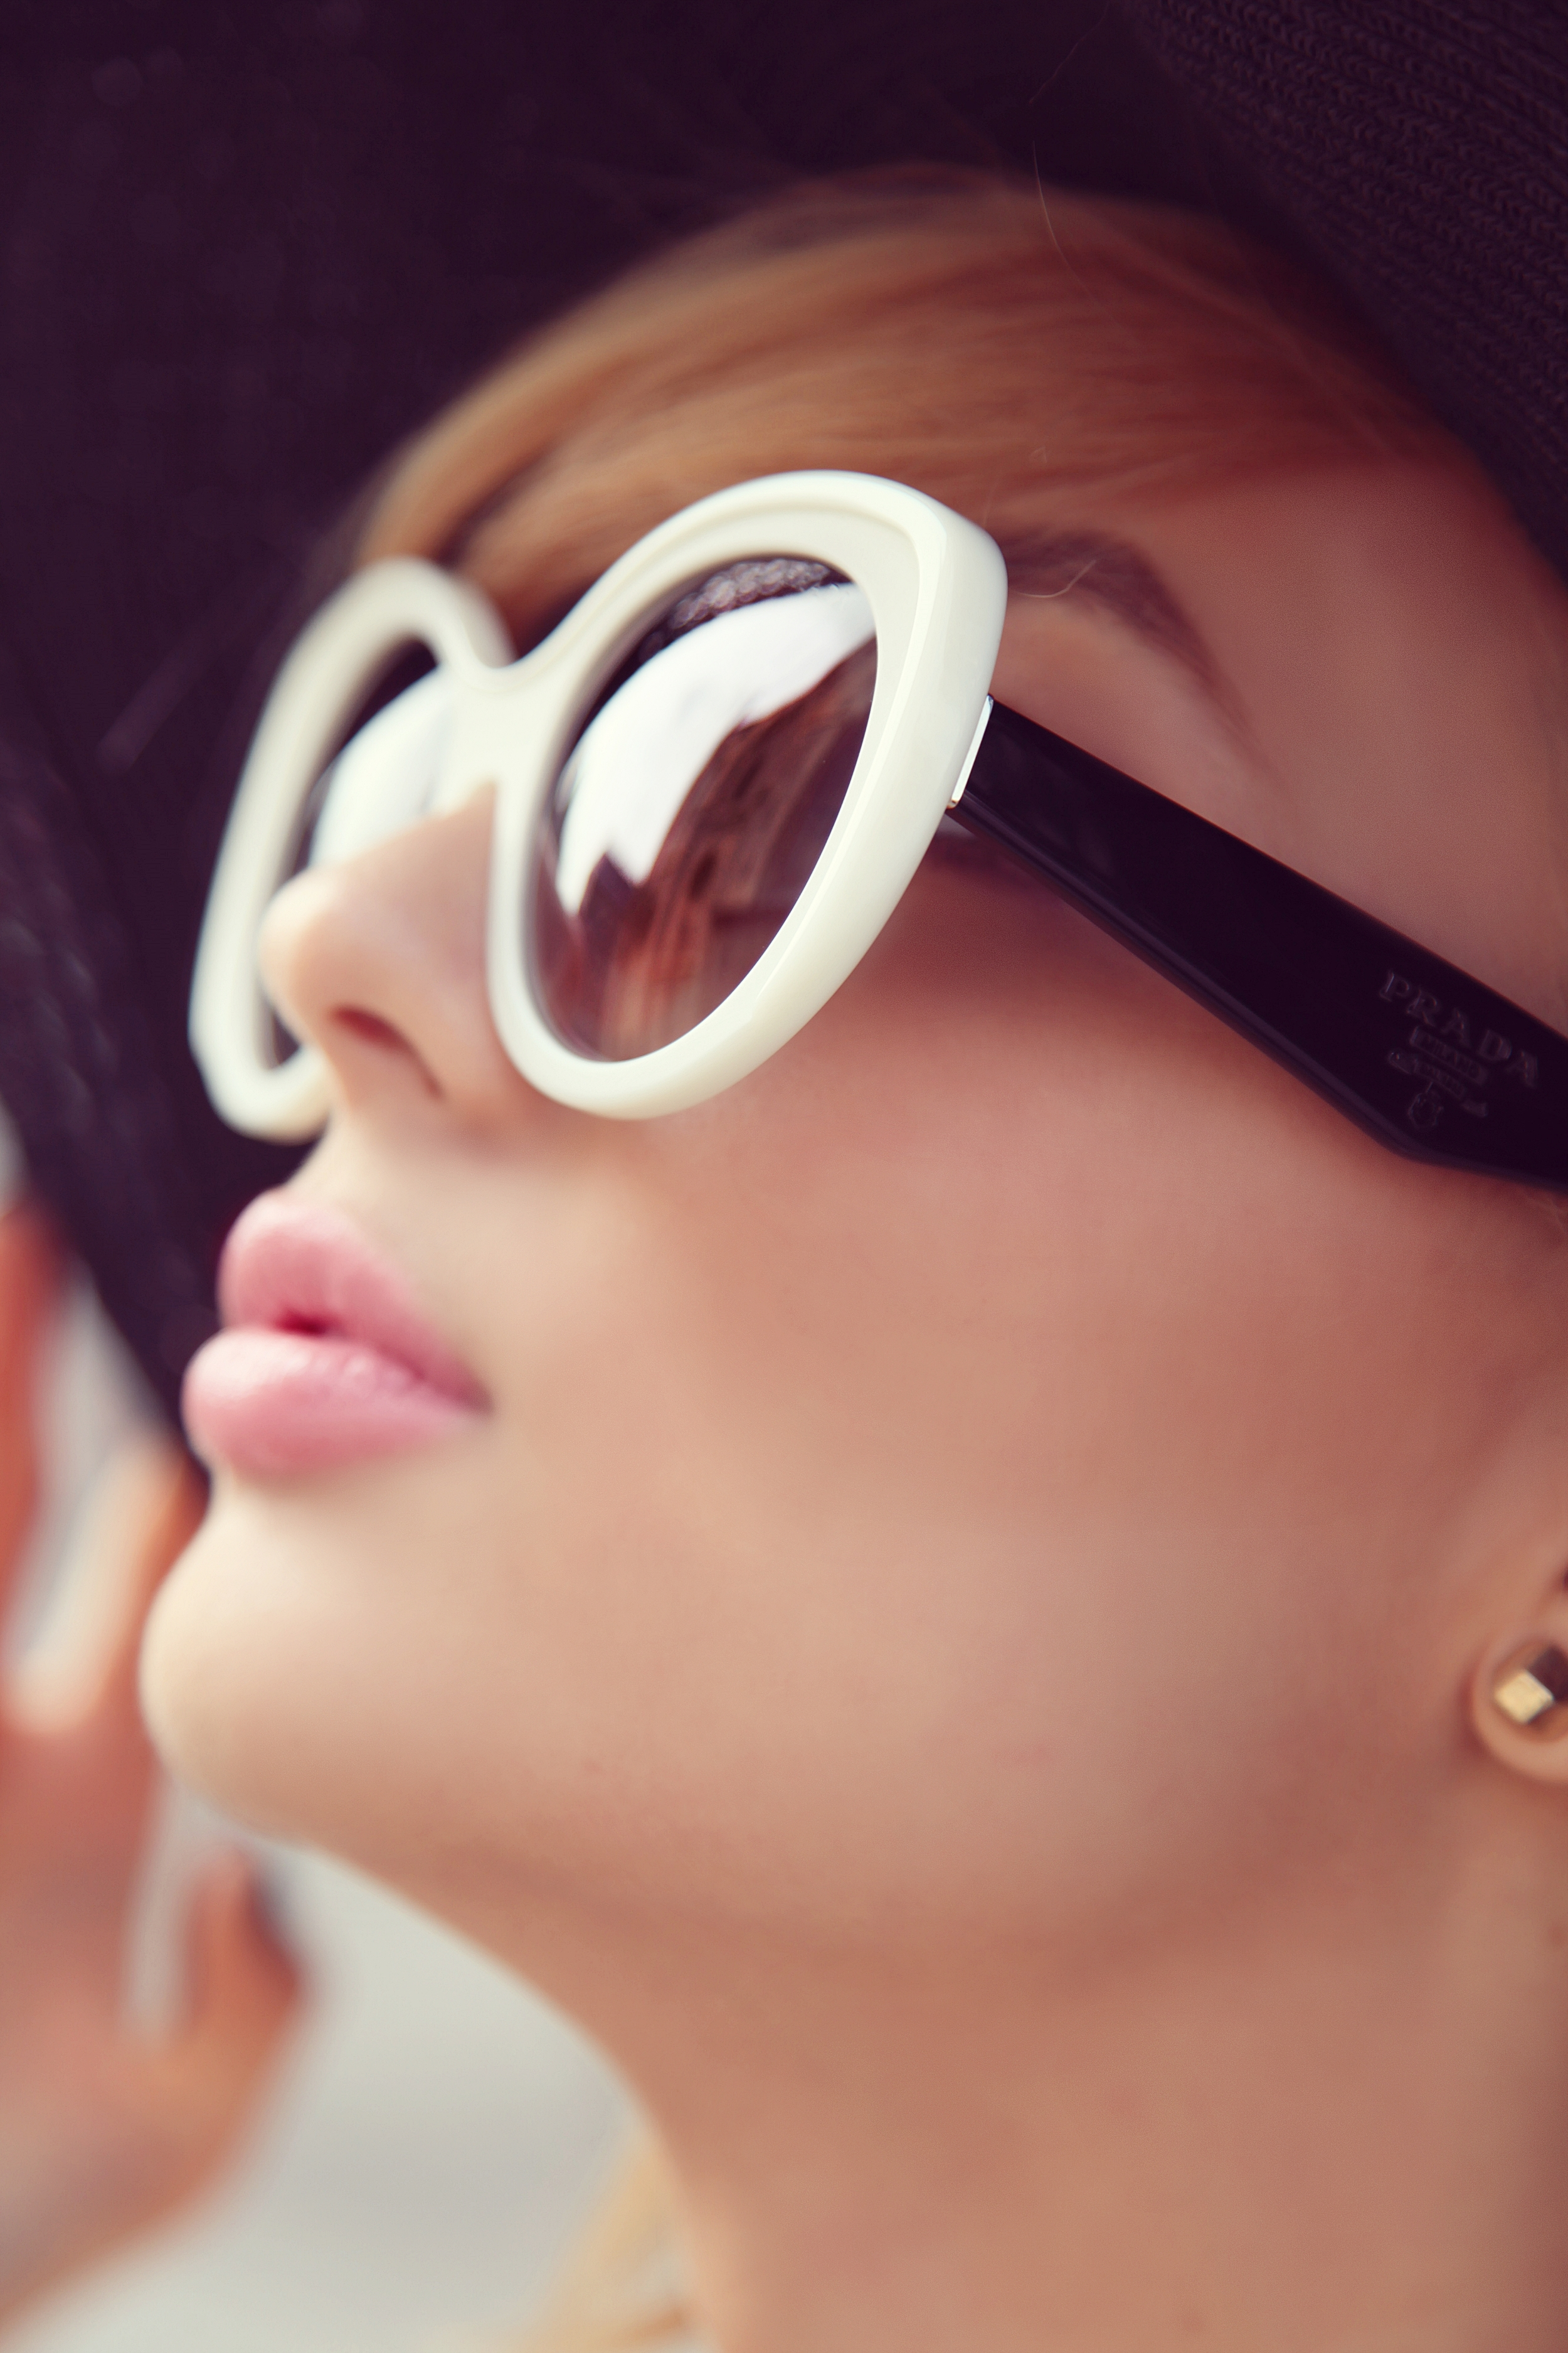 DYROGUE Sunglasses Prada Diana Rogo